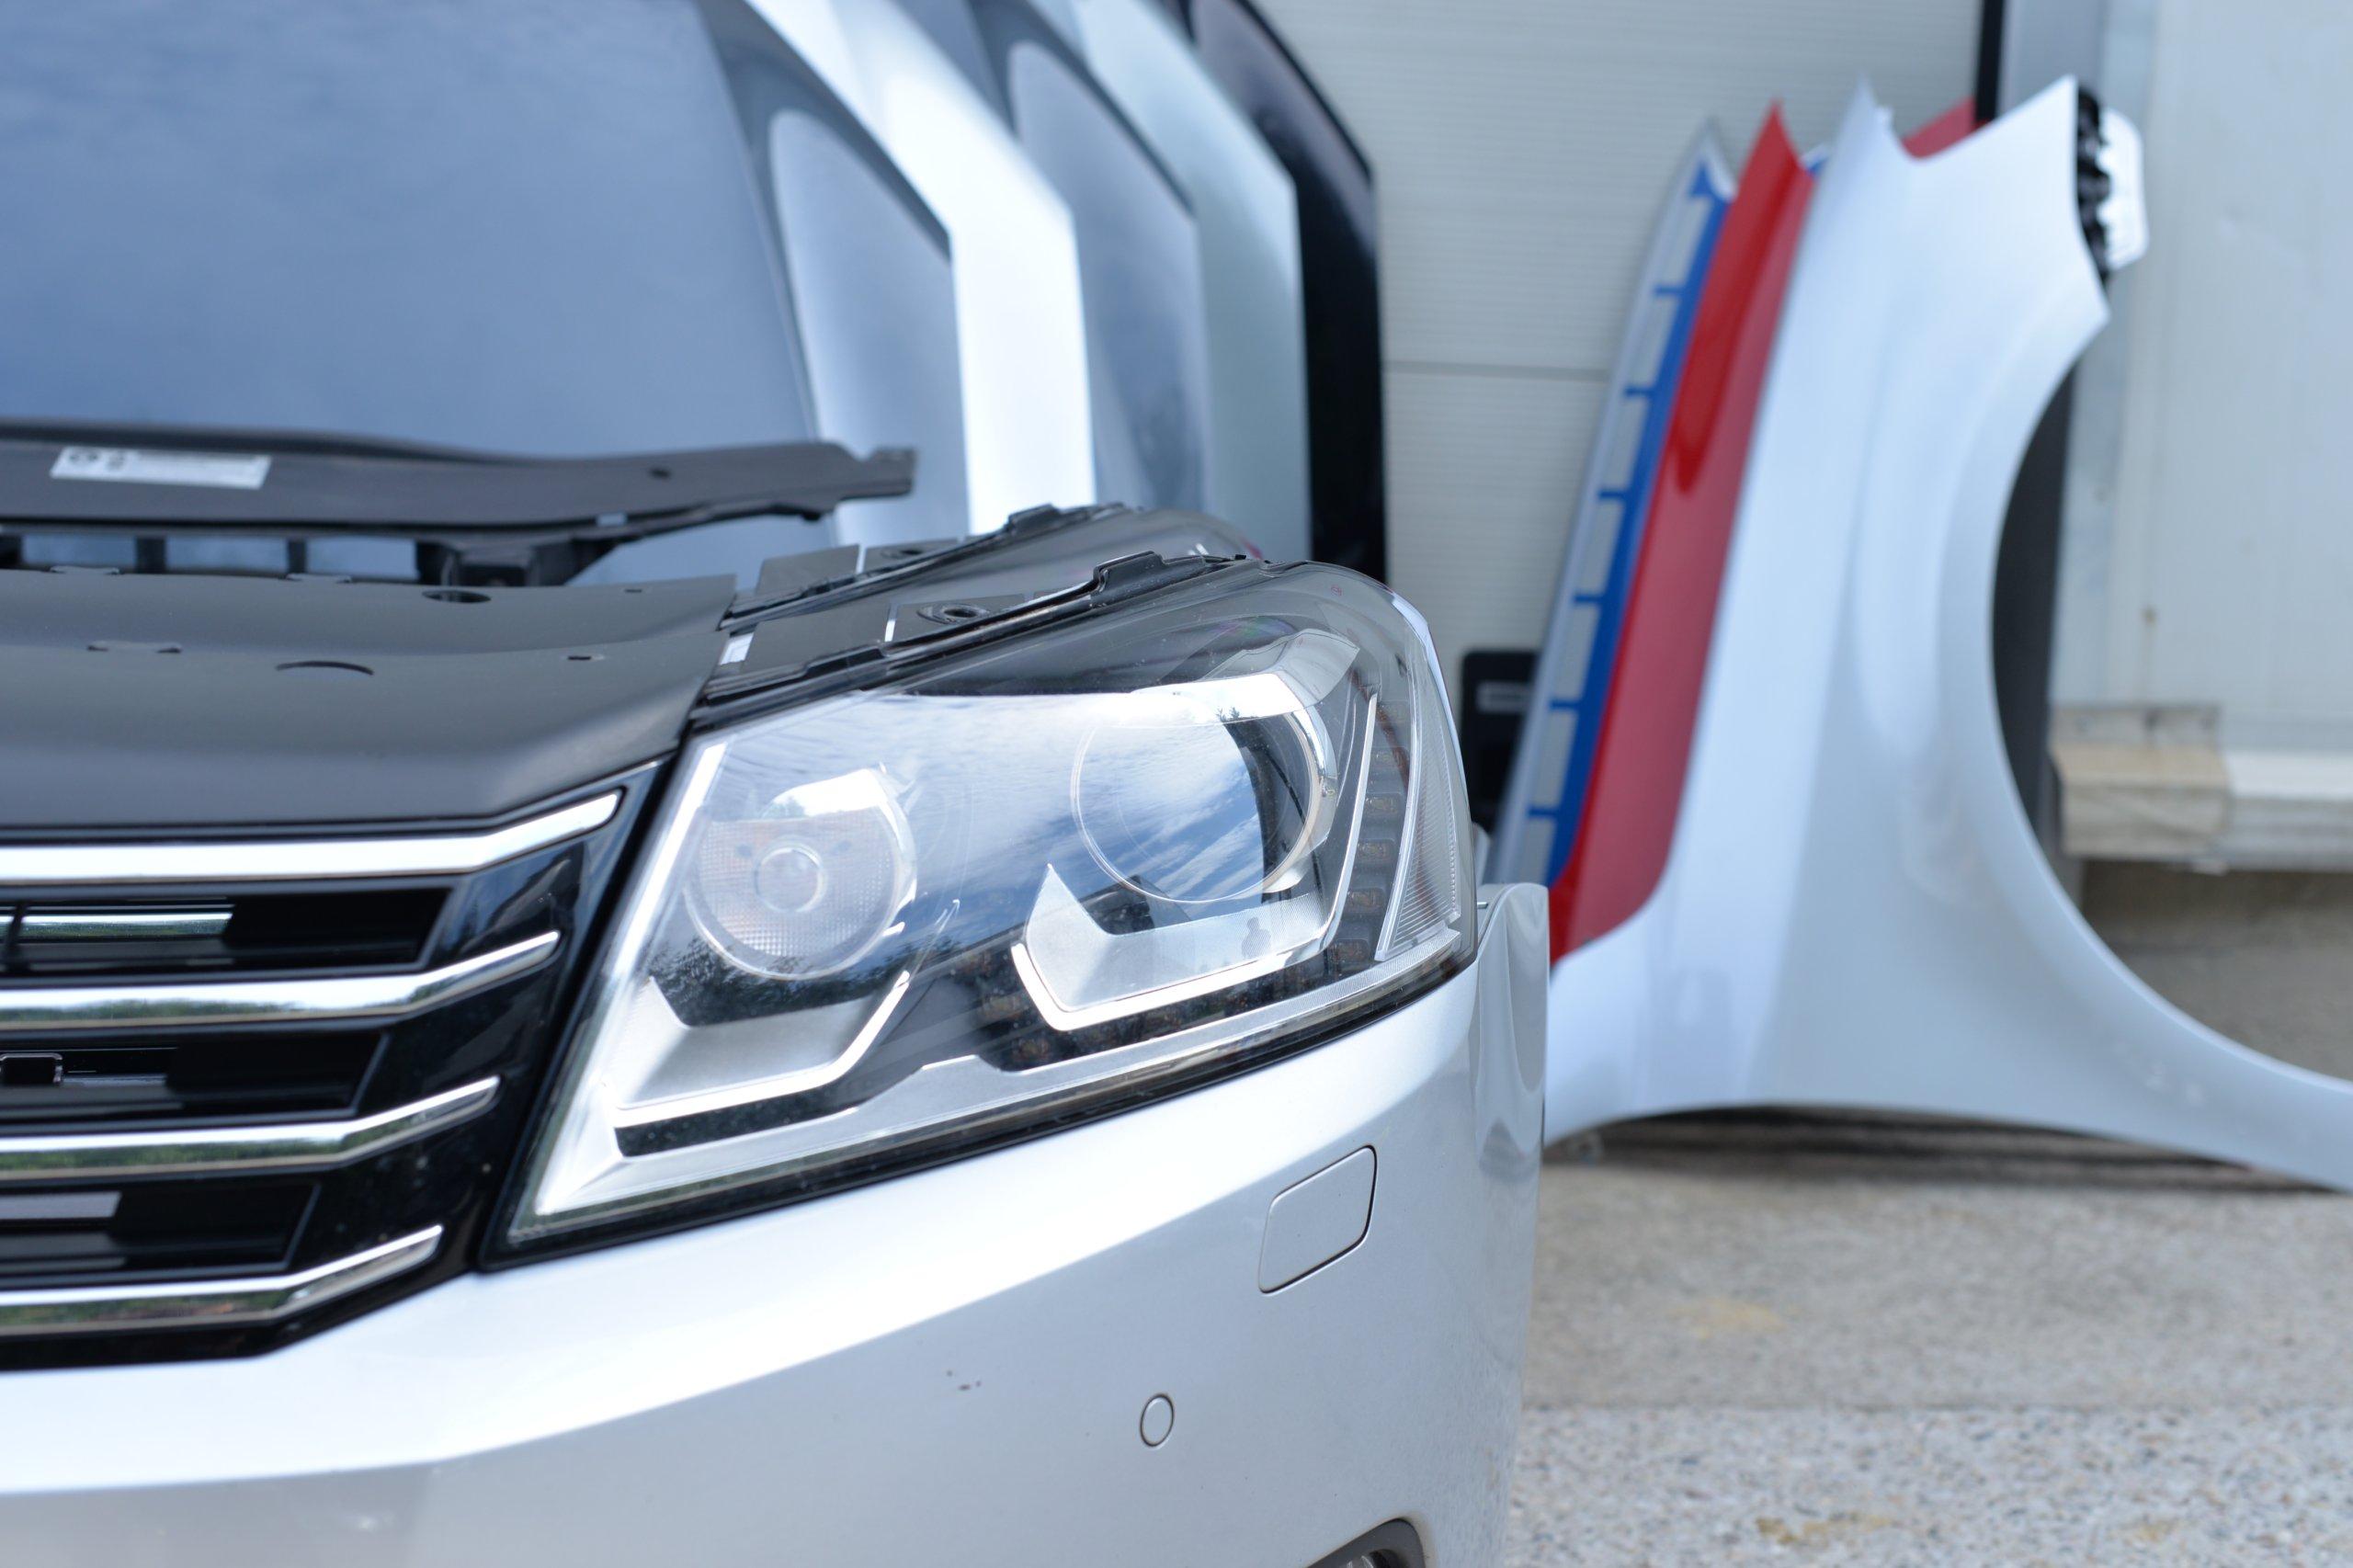 [КАПОТ ZDERZAK КРЫЛО REFLEKTOR PAS VW PASSAT B7 из Польши]изображение 7